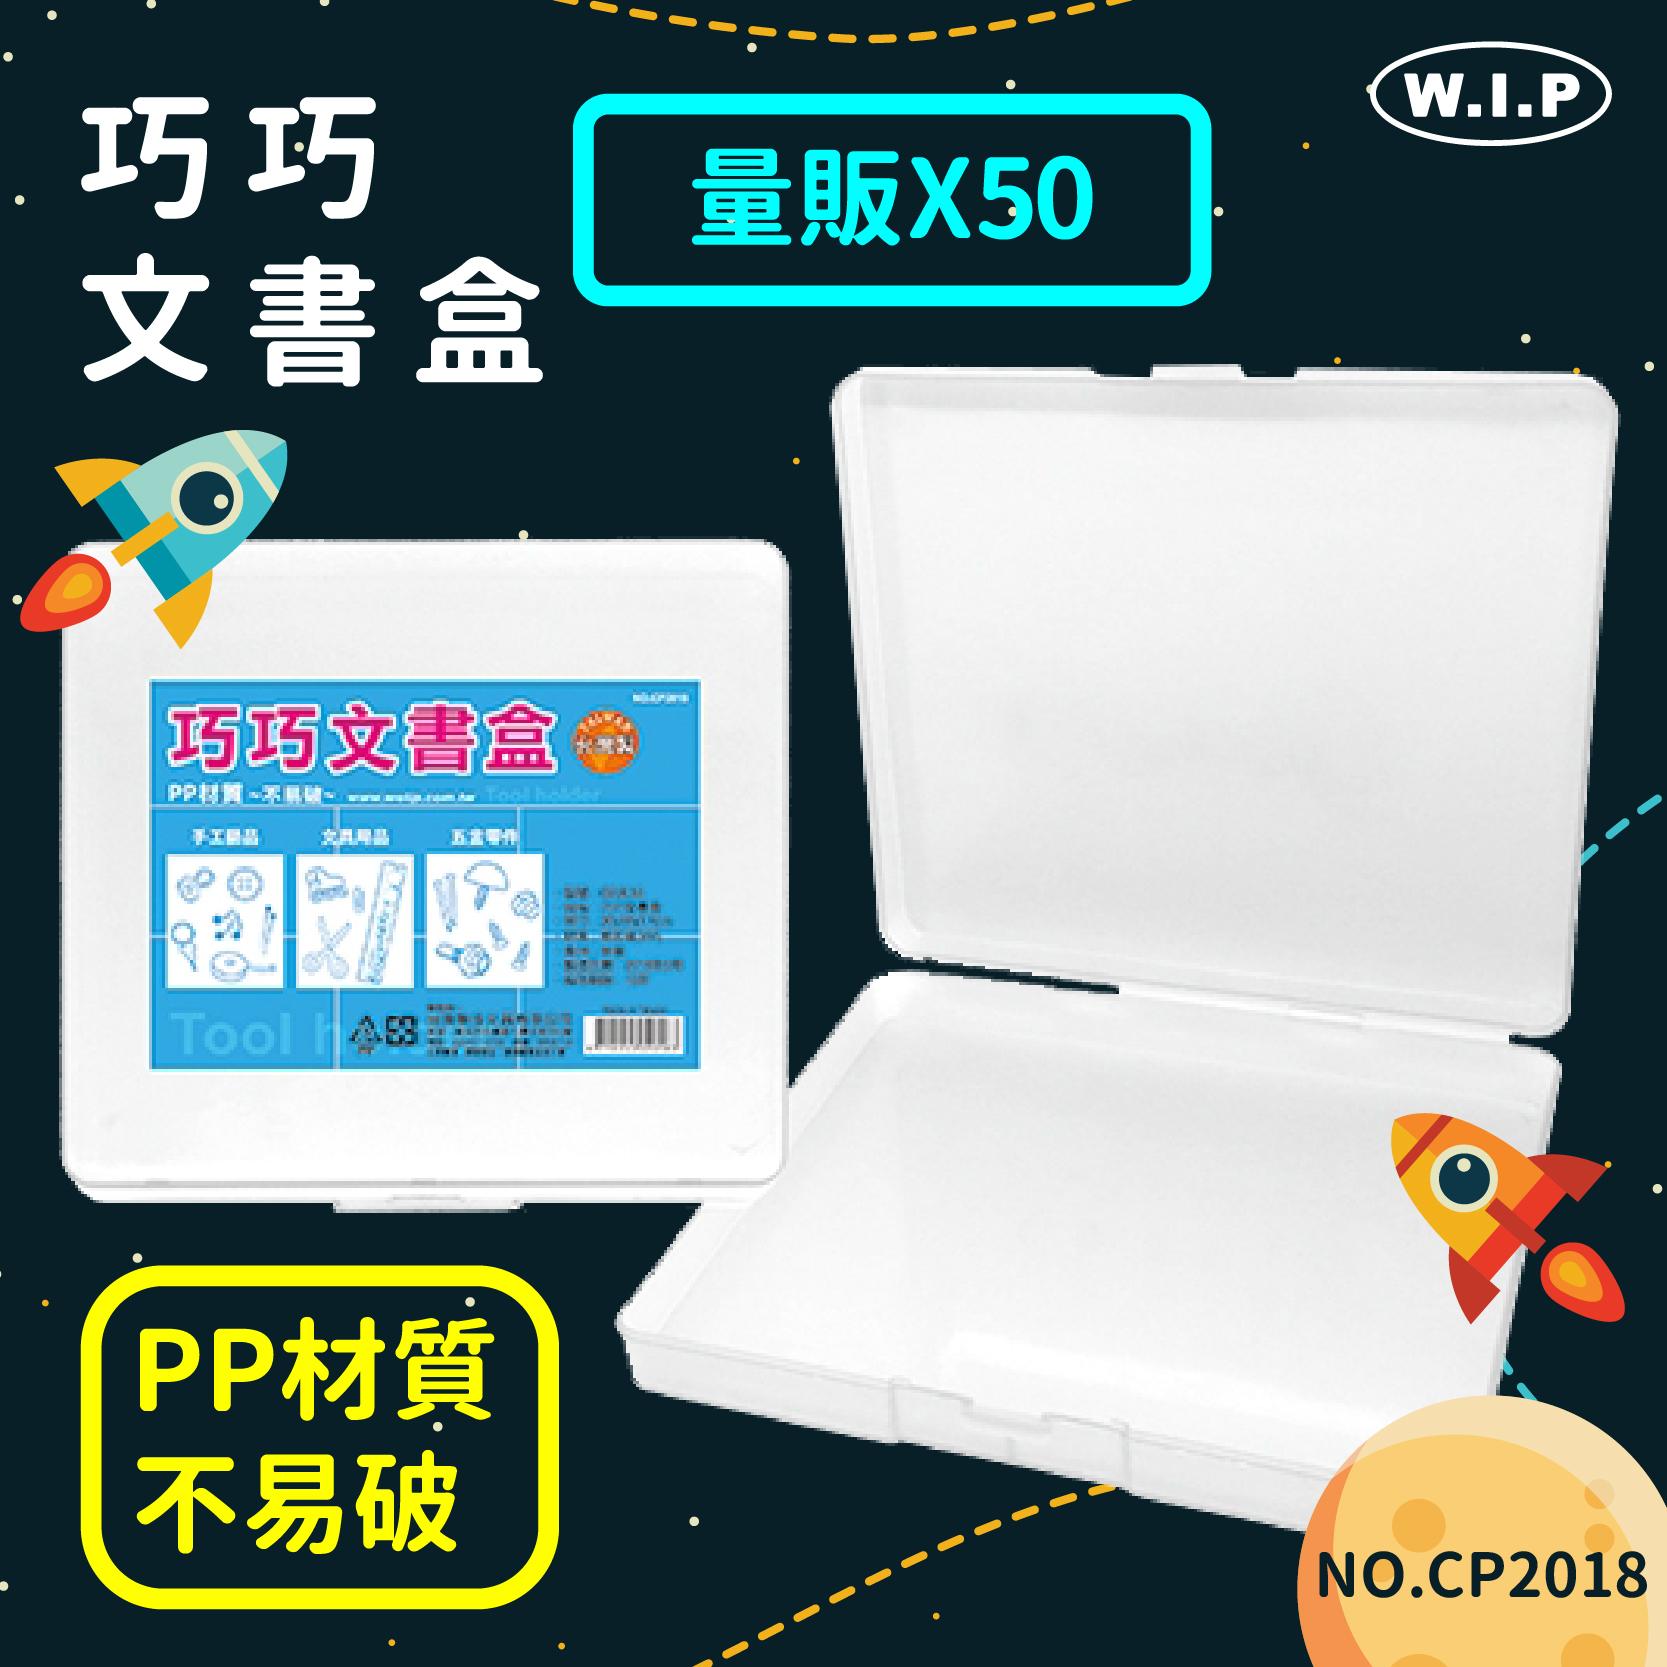 台灣品質保證【韋億】NO.CP2018《量販50》 巧巧文書盒 工具盒 收納盒 小物盒 資料盒 便利盒 老師的好幫手